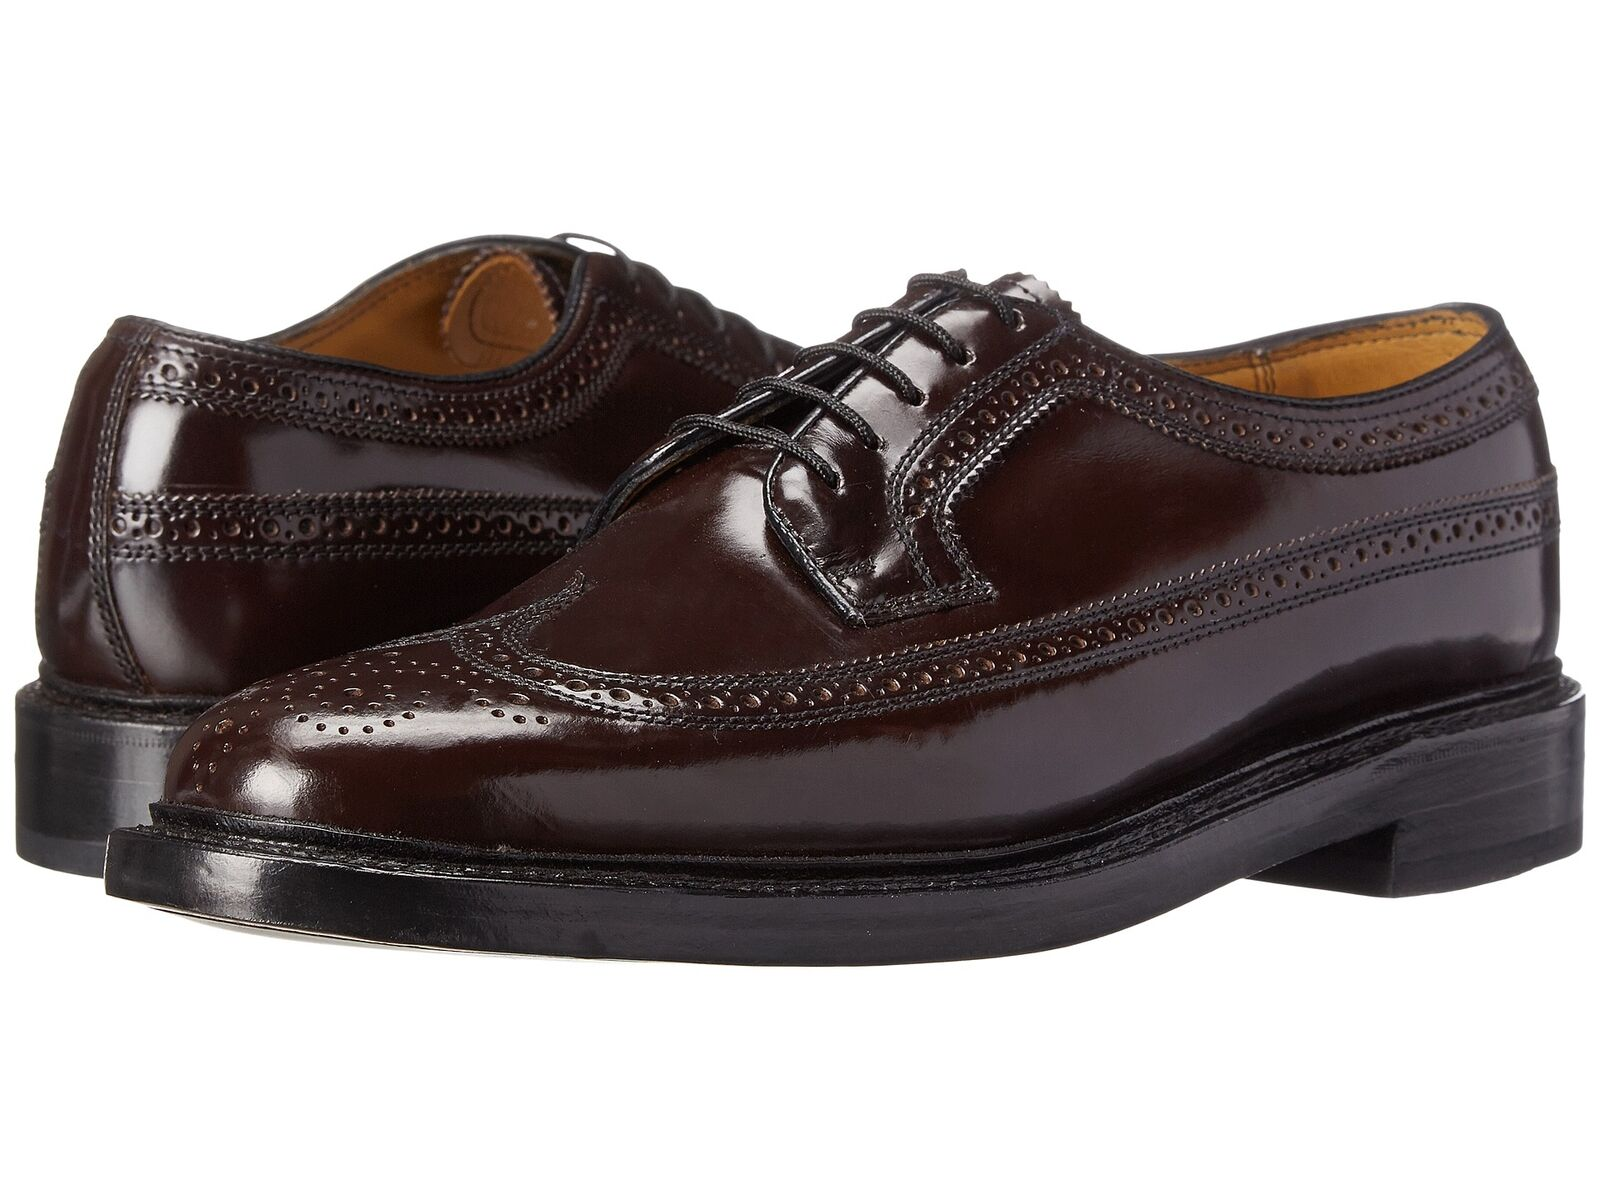 Homme Florsheim Kenmoor Bout D'Aile En Cuir Bordeaux Chaussures 17109-05